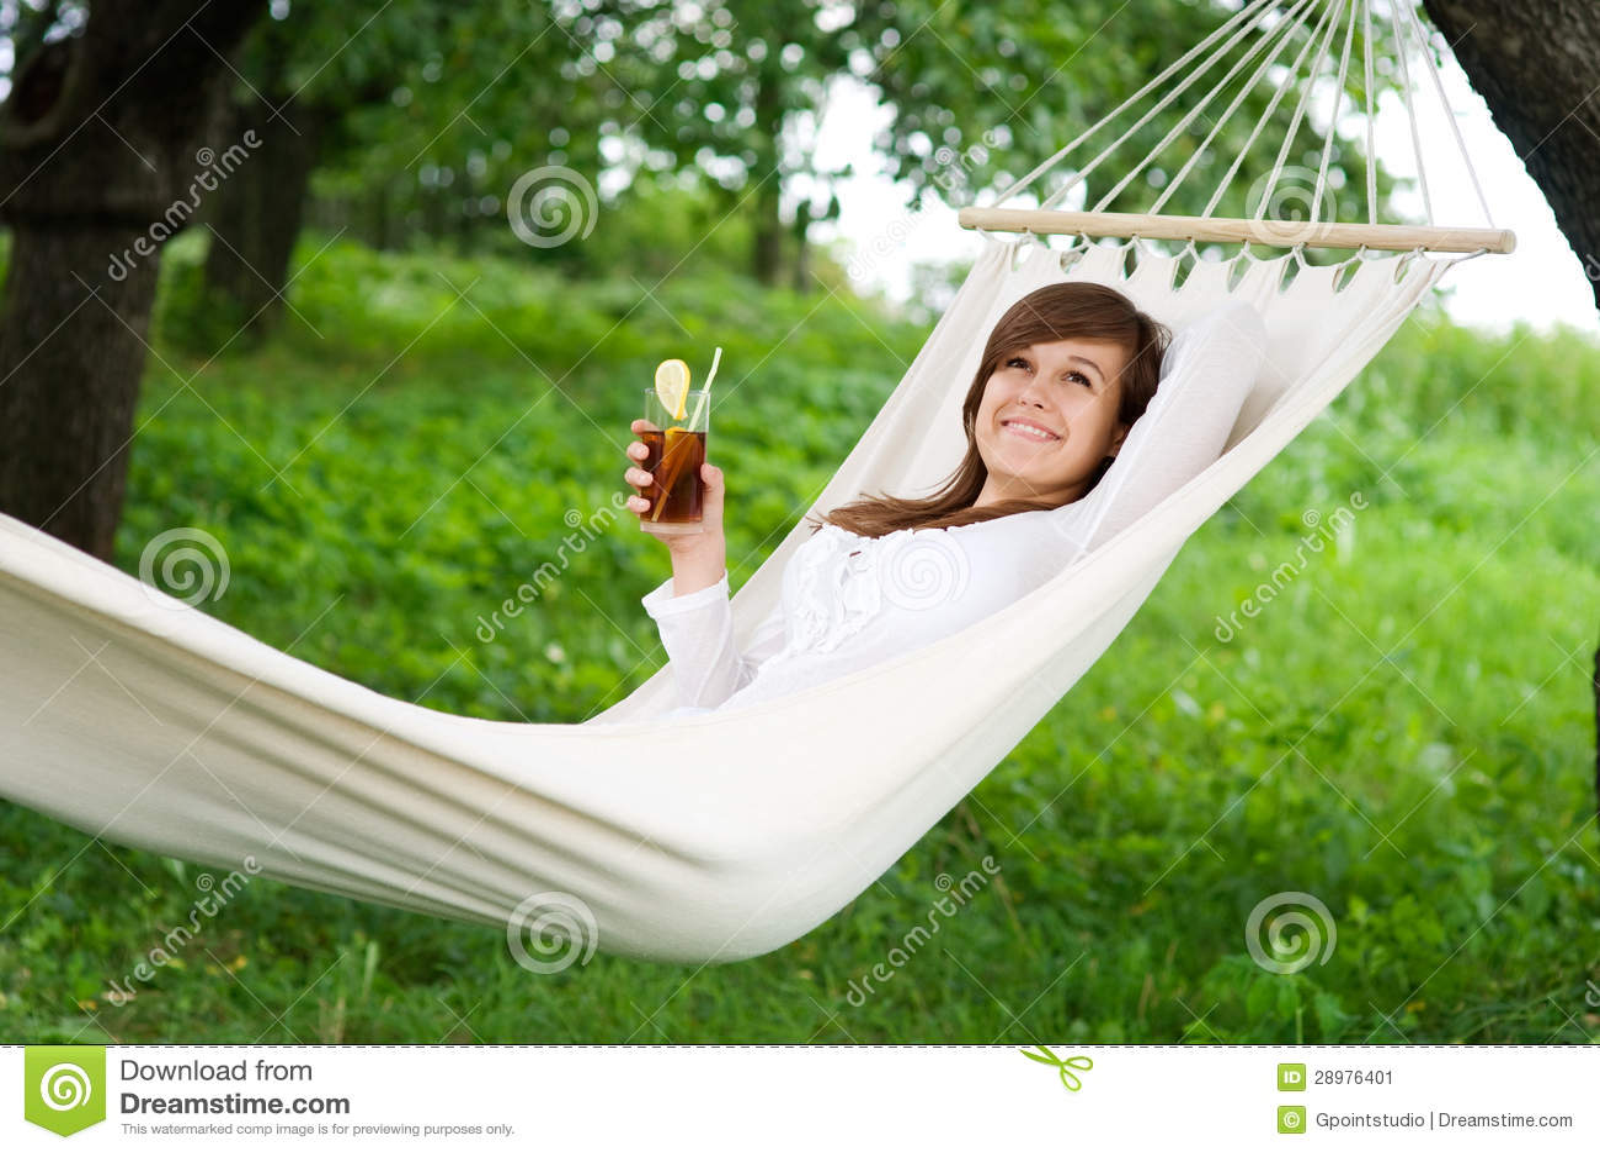 Entspannung auf Hängematte